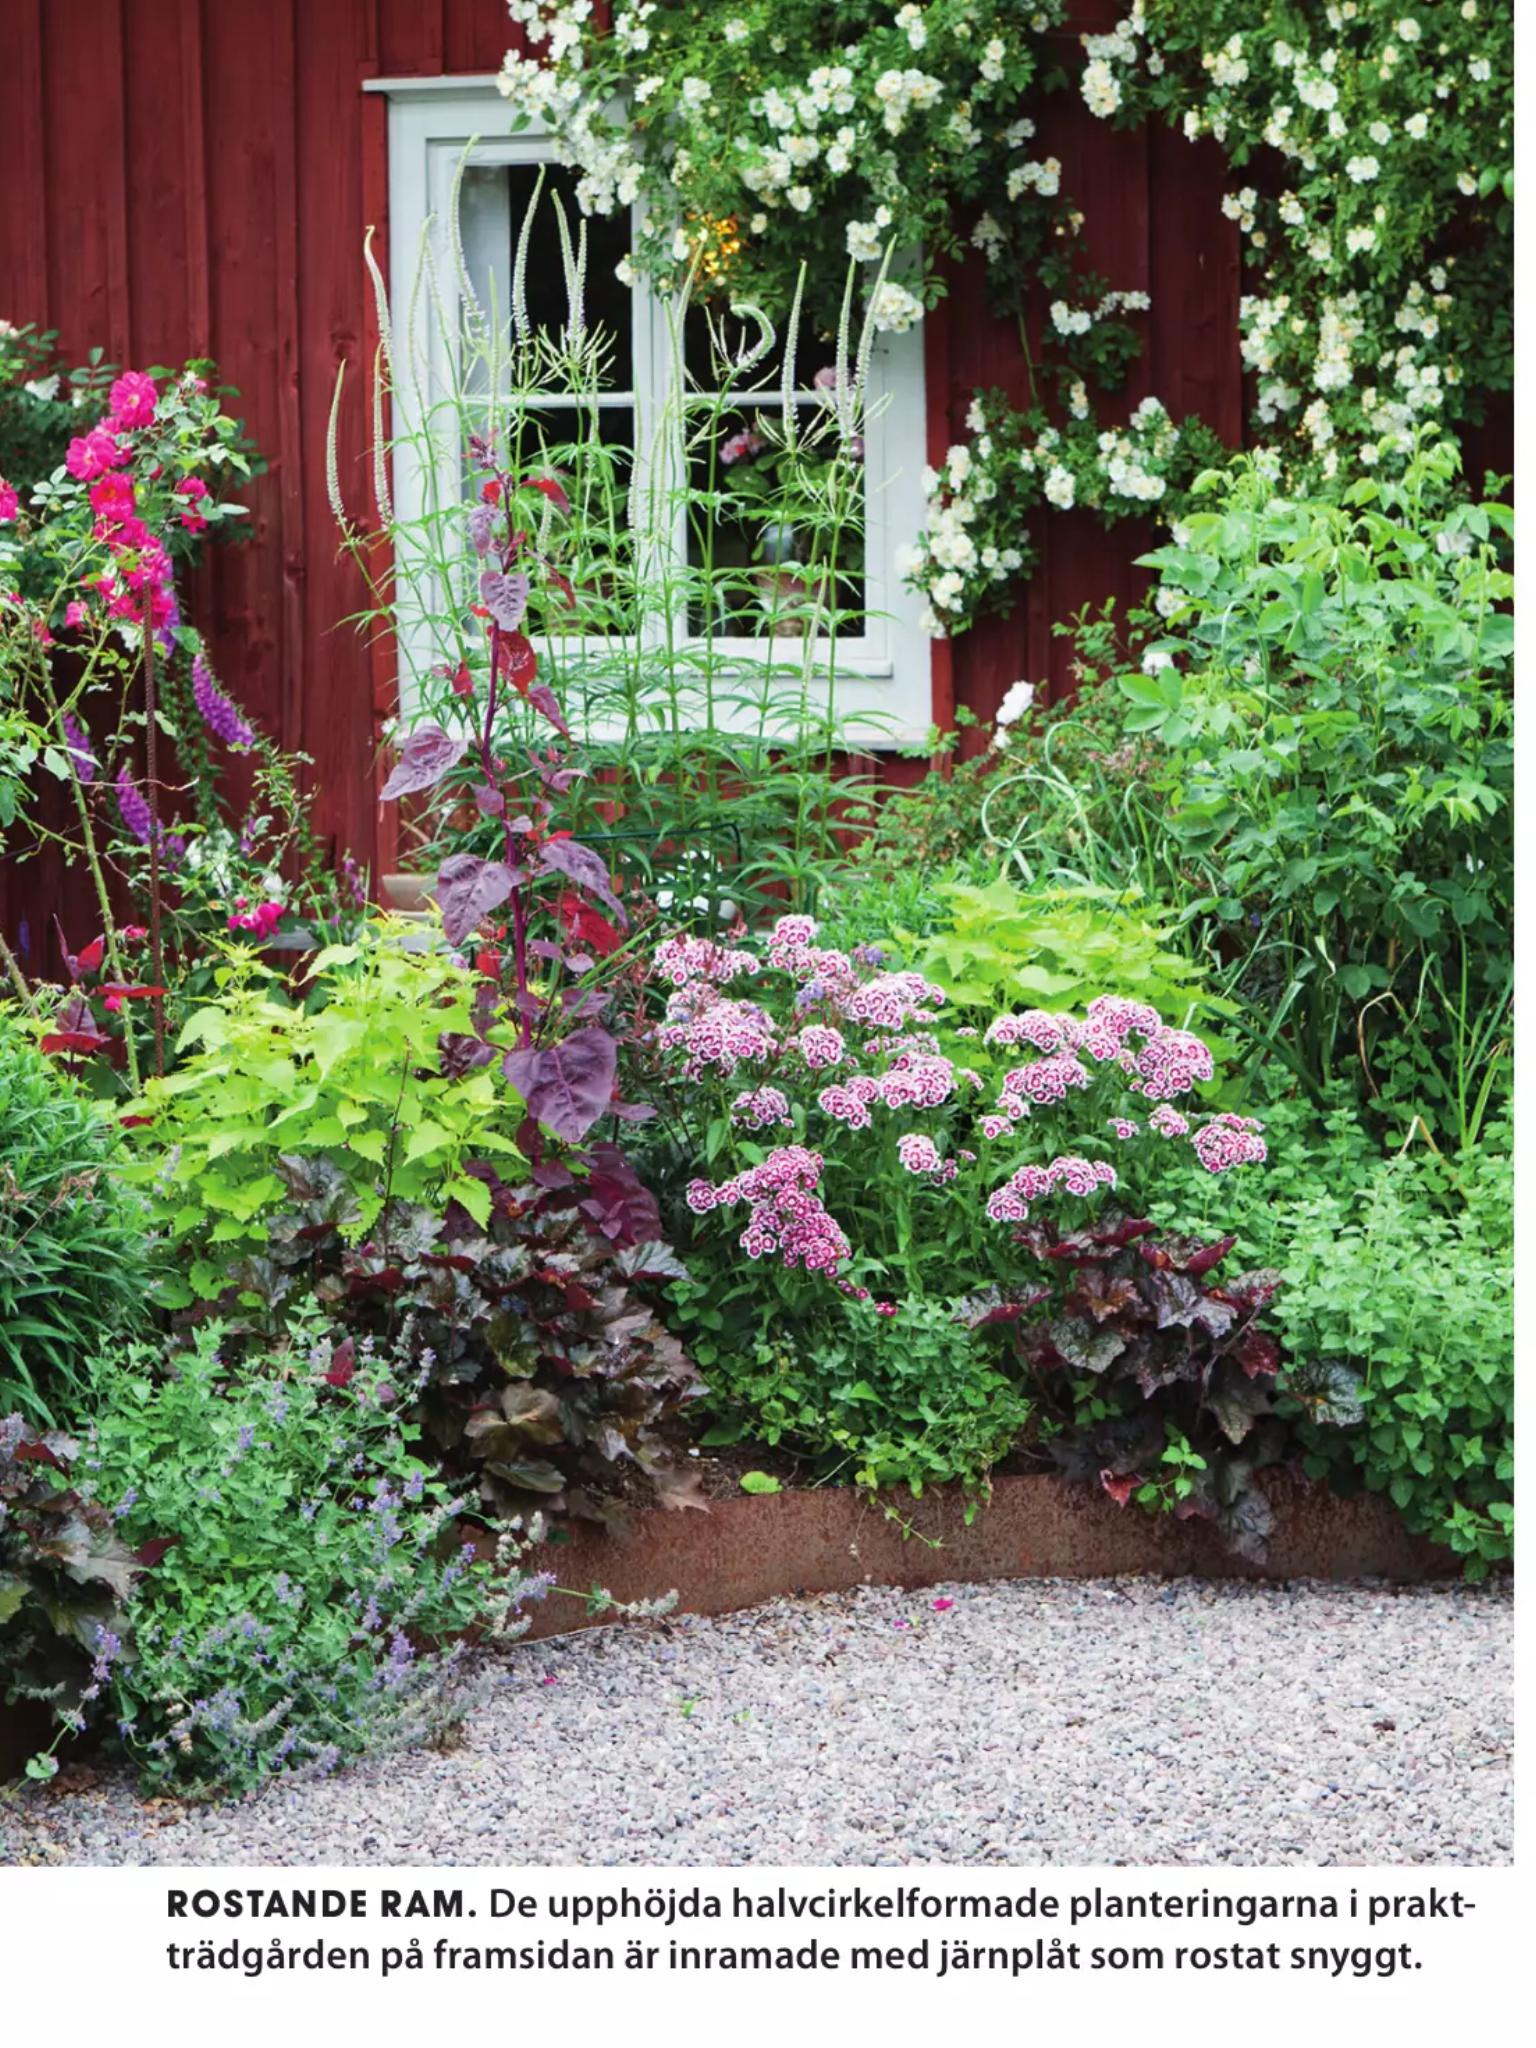 Lively garden tr dg rd manos for Jardineria al aire libre casa pendiente